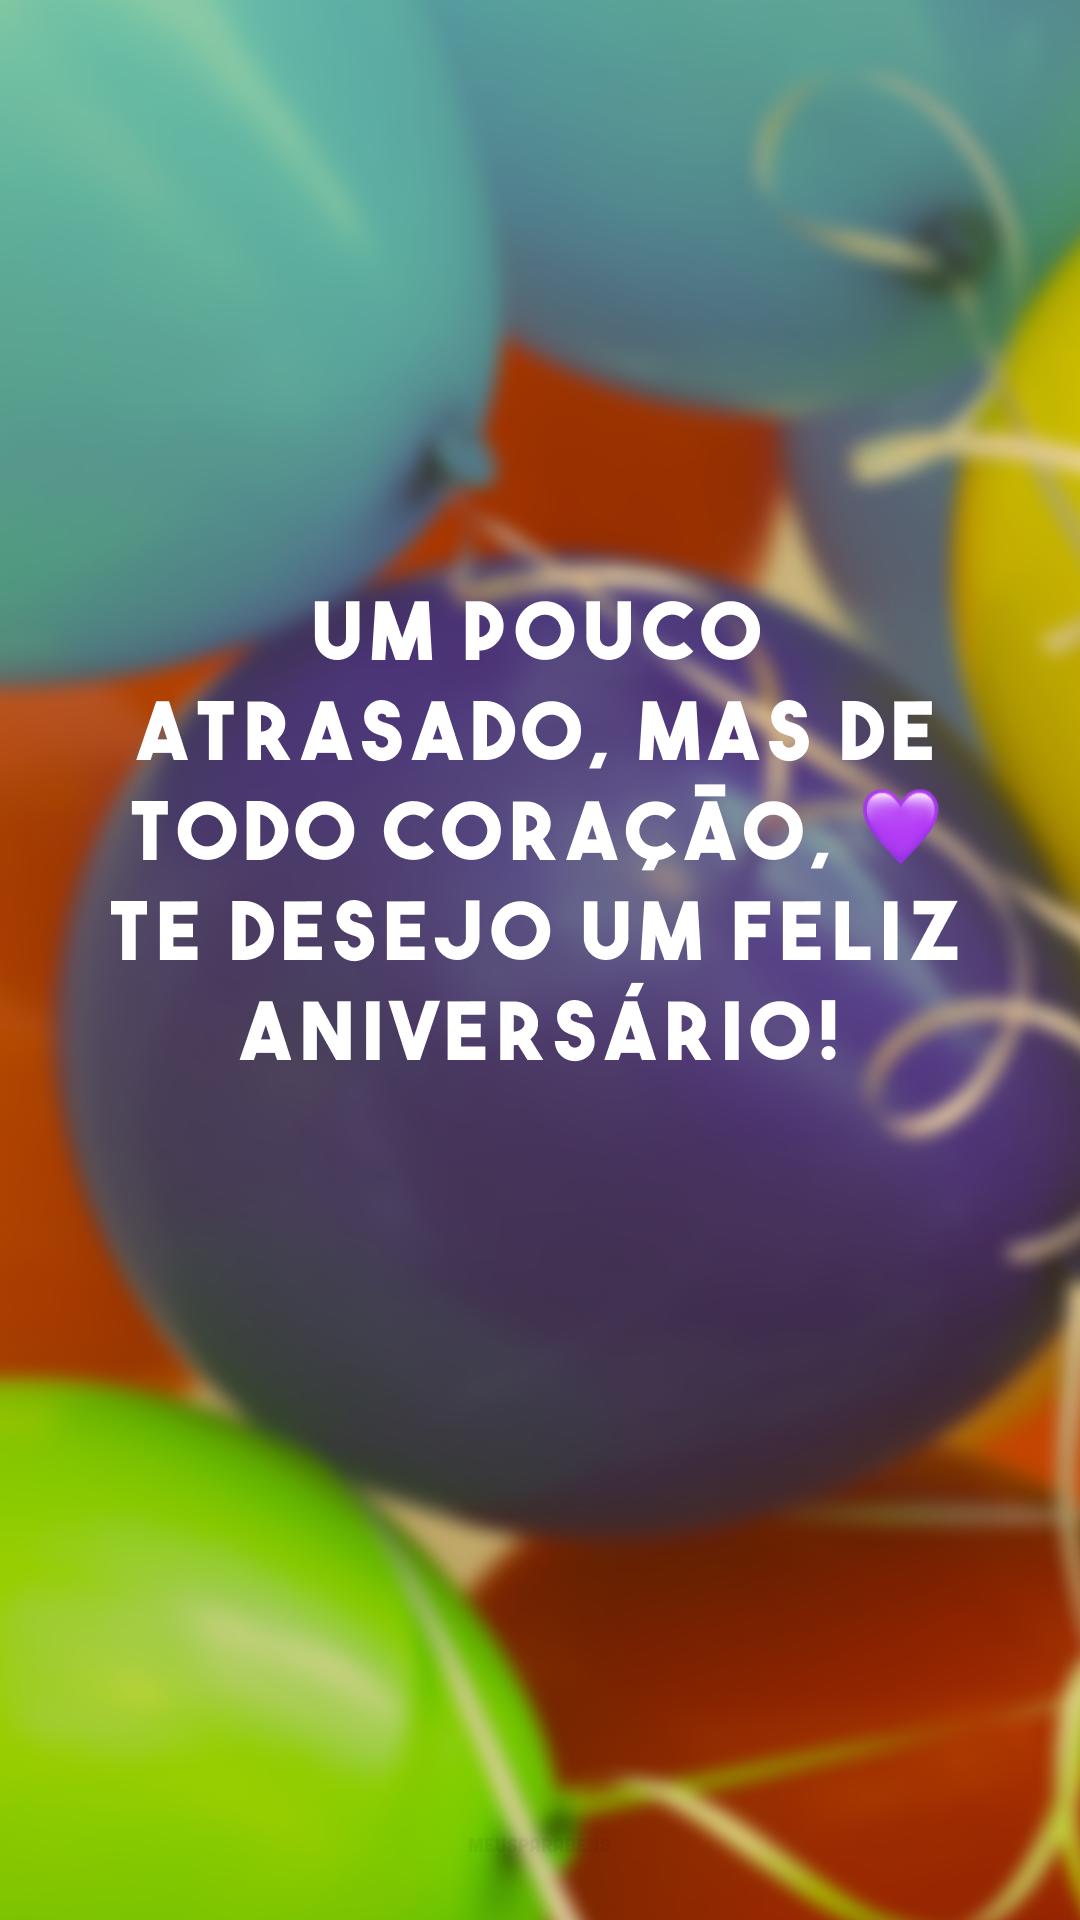 Um pouco atrasado, mas de todo coração, 💜 te desejo um feliz aniversário!